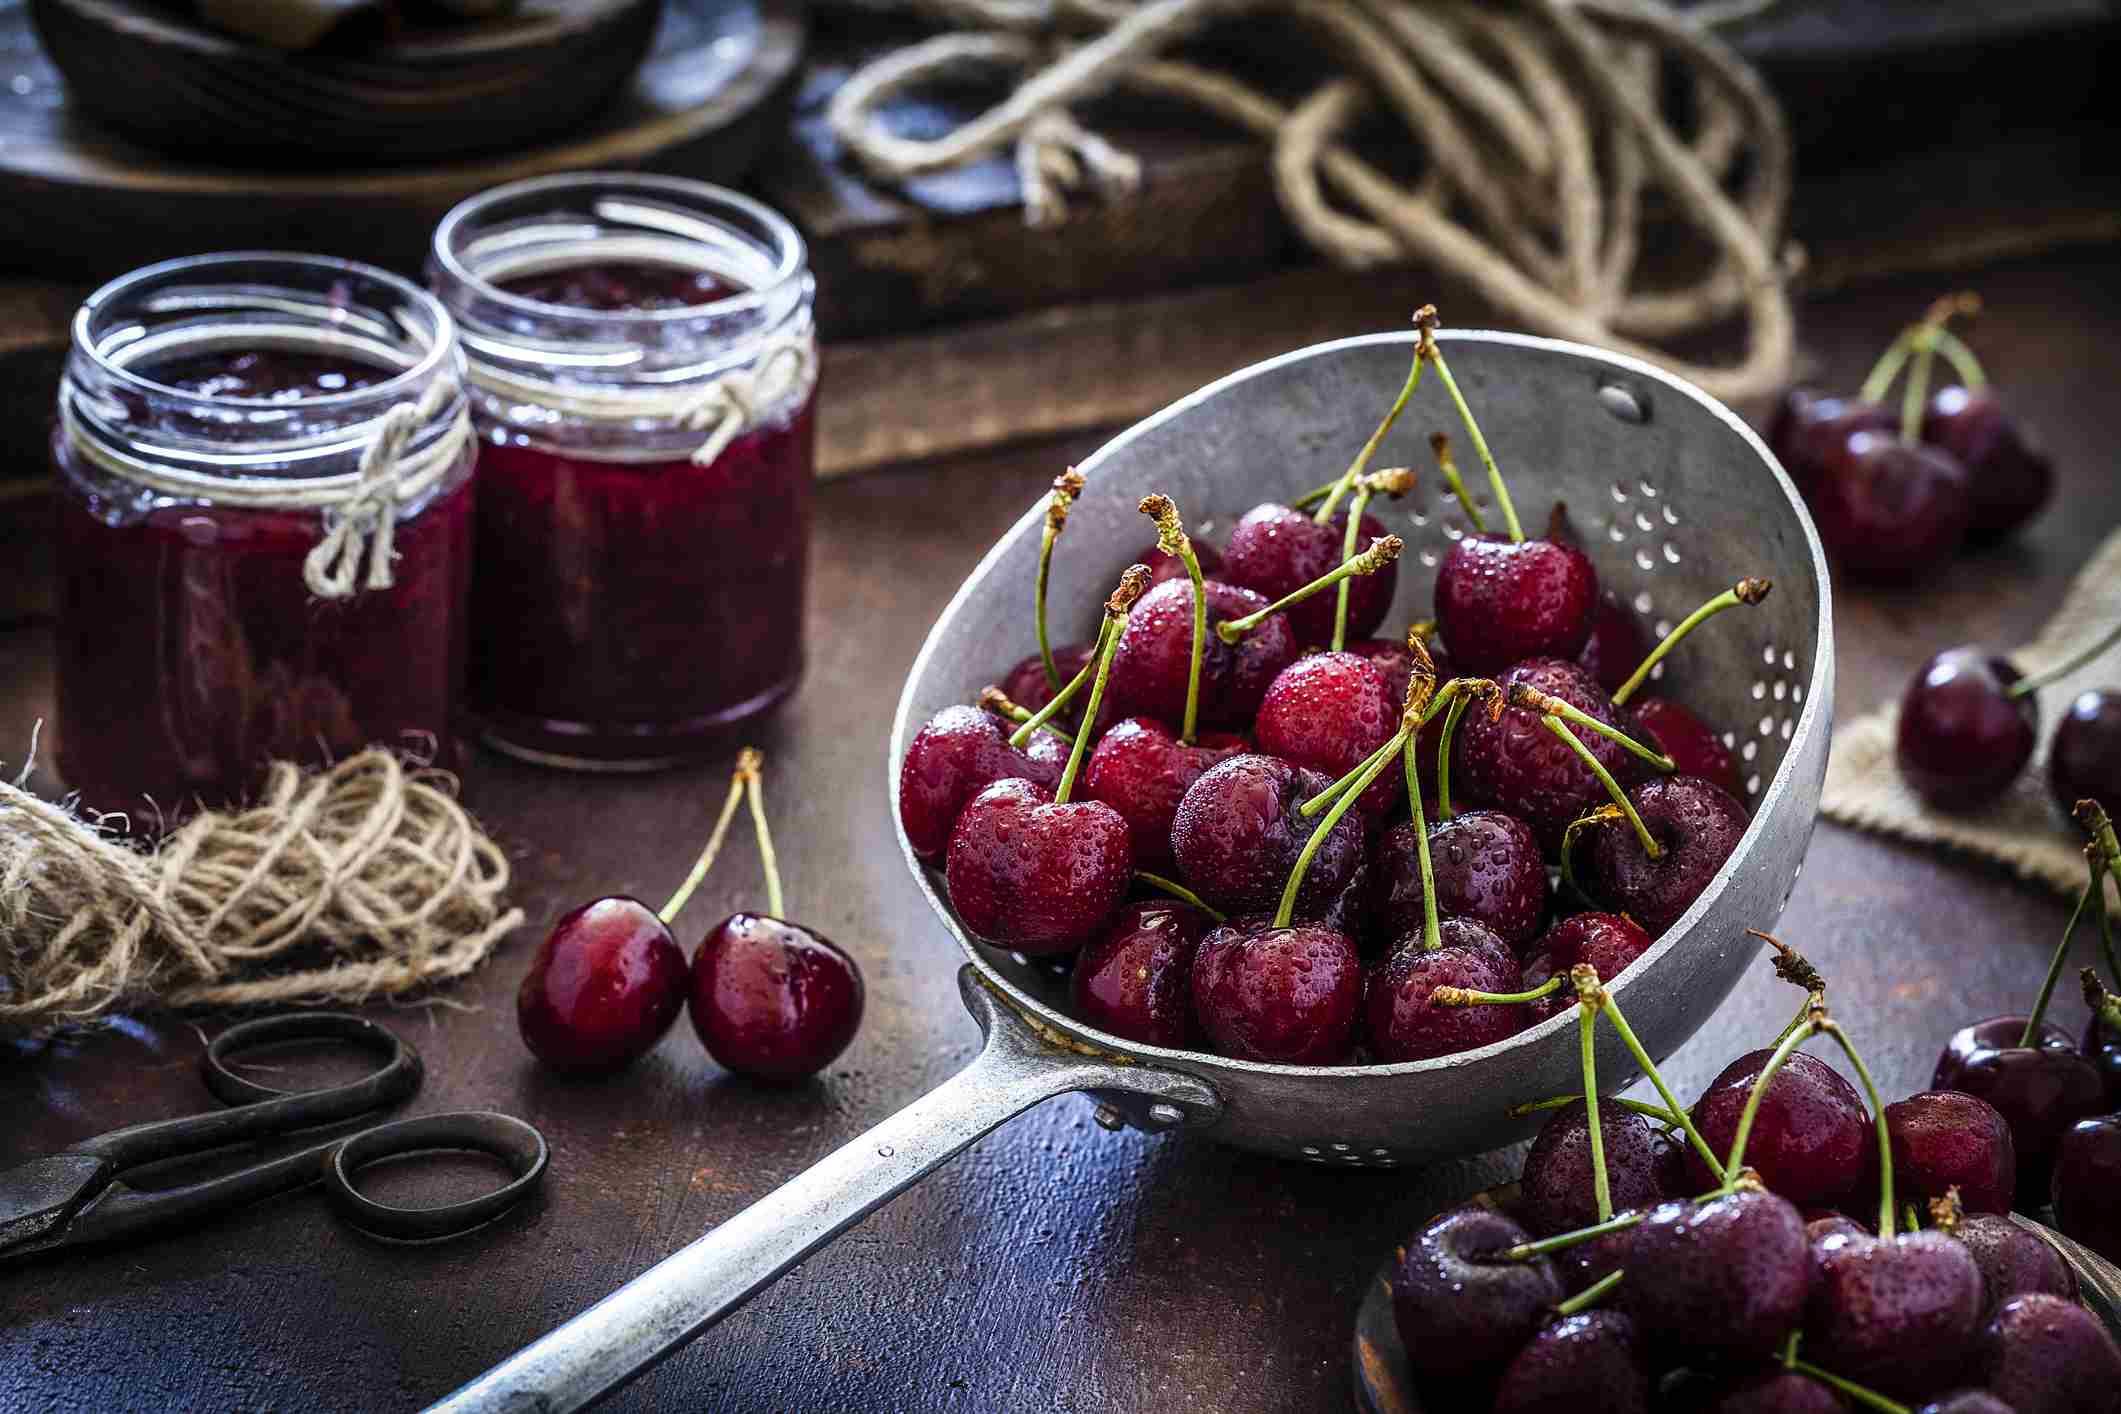 Brandied cherries in small jars,